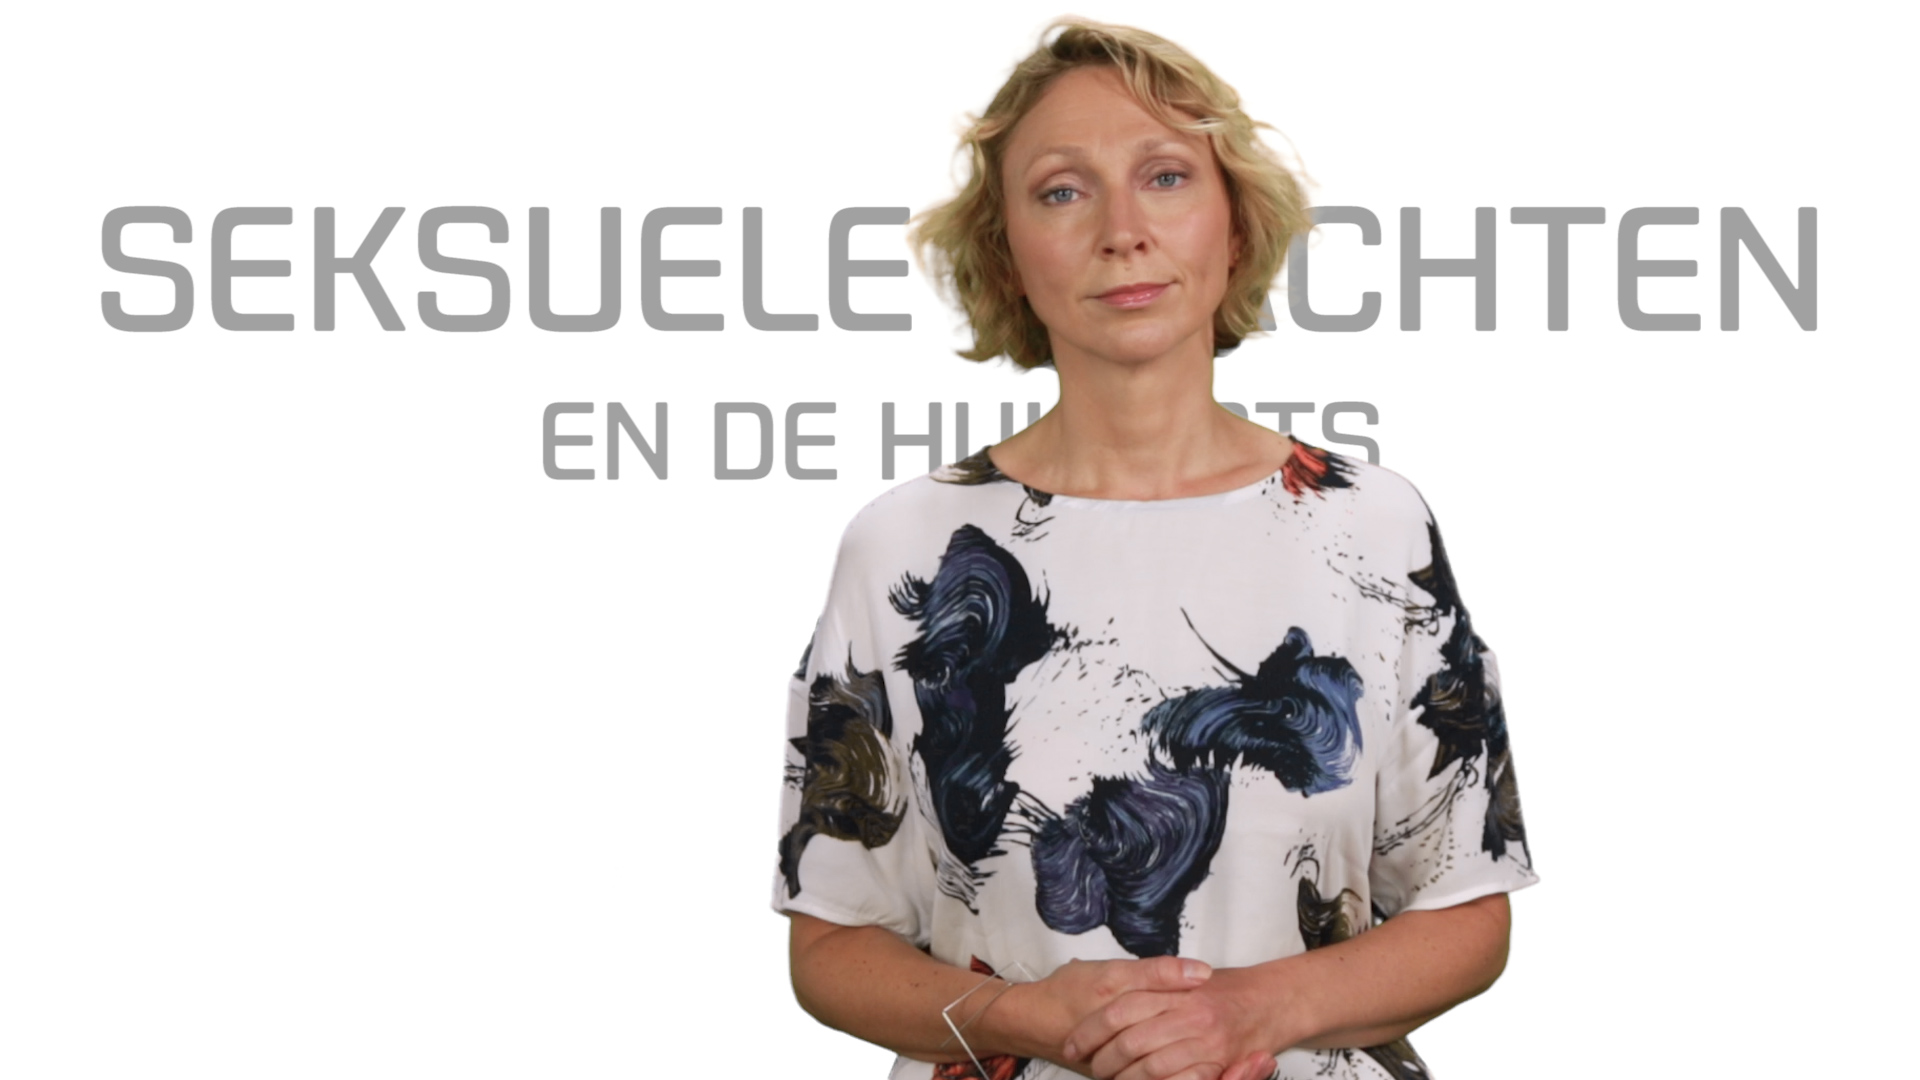 Bekijk de video: Seksuele klachten en de huisarts